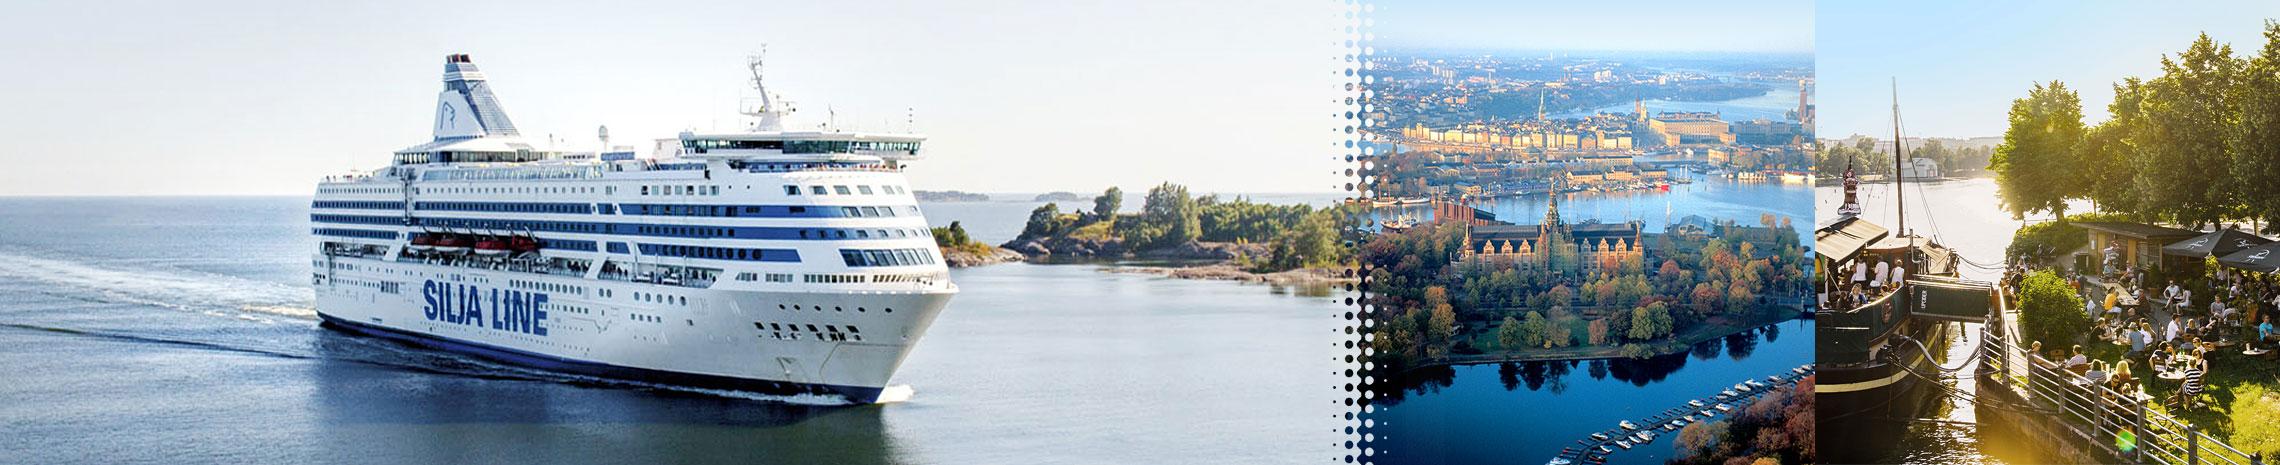 SILJA LINE Estocolmo-Helsinki v.v.